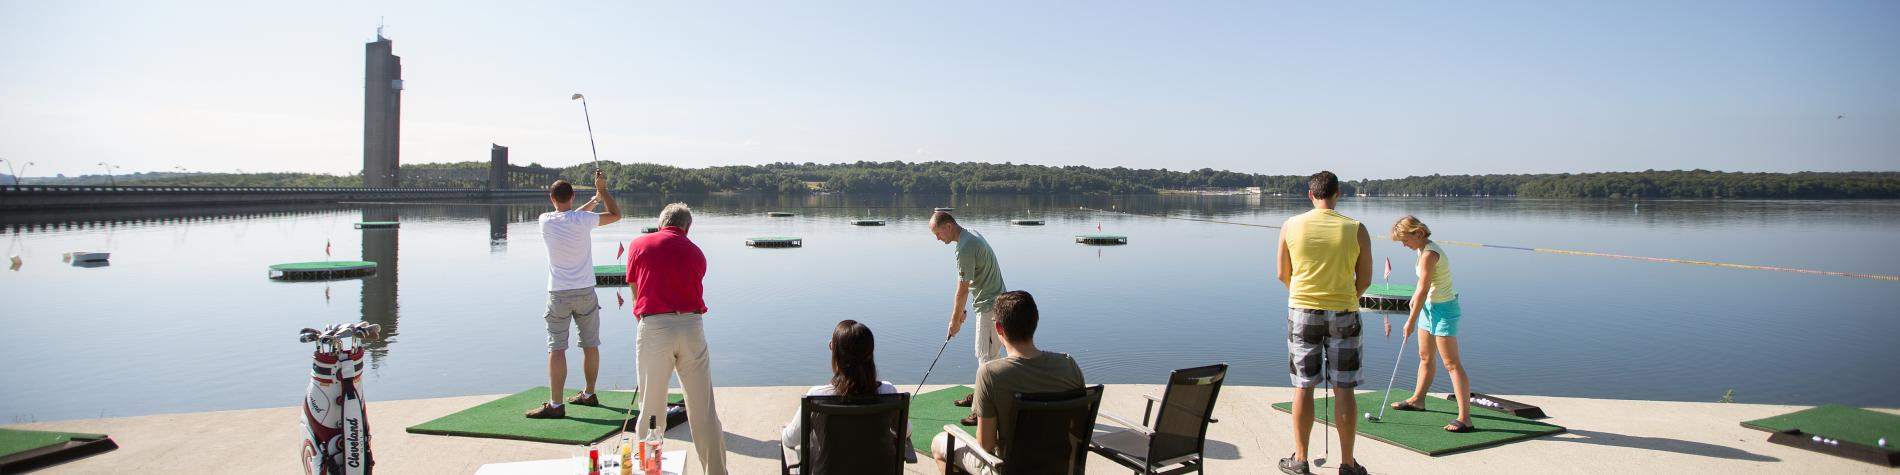 Découvrez l'AquaGolf aux Lacs de l'Eau d'Heure, en Province de Namur